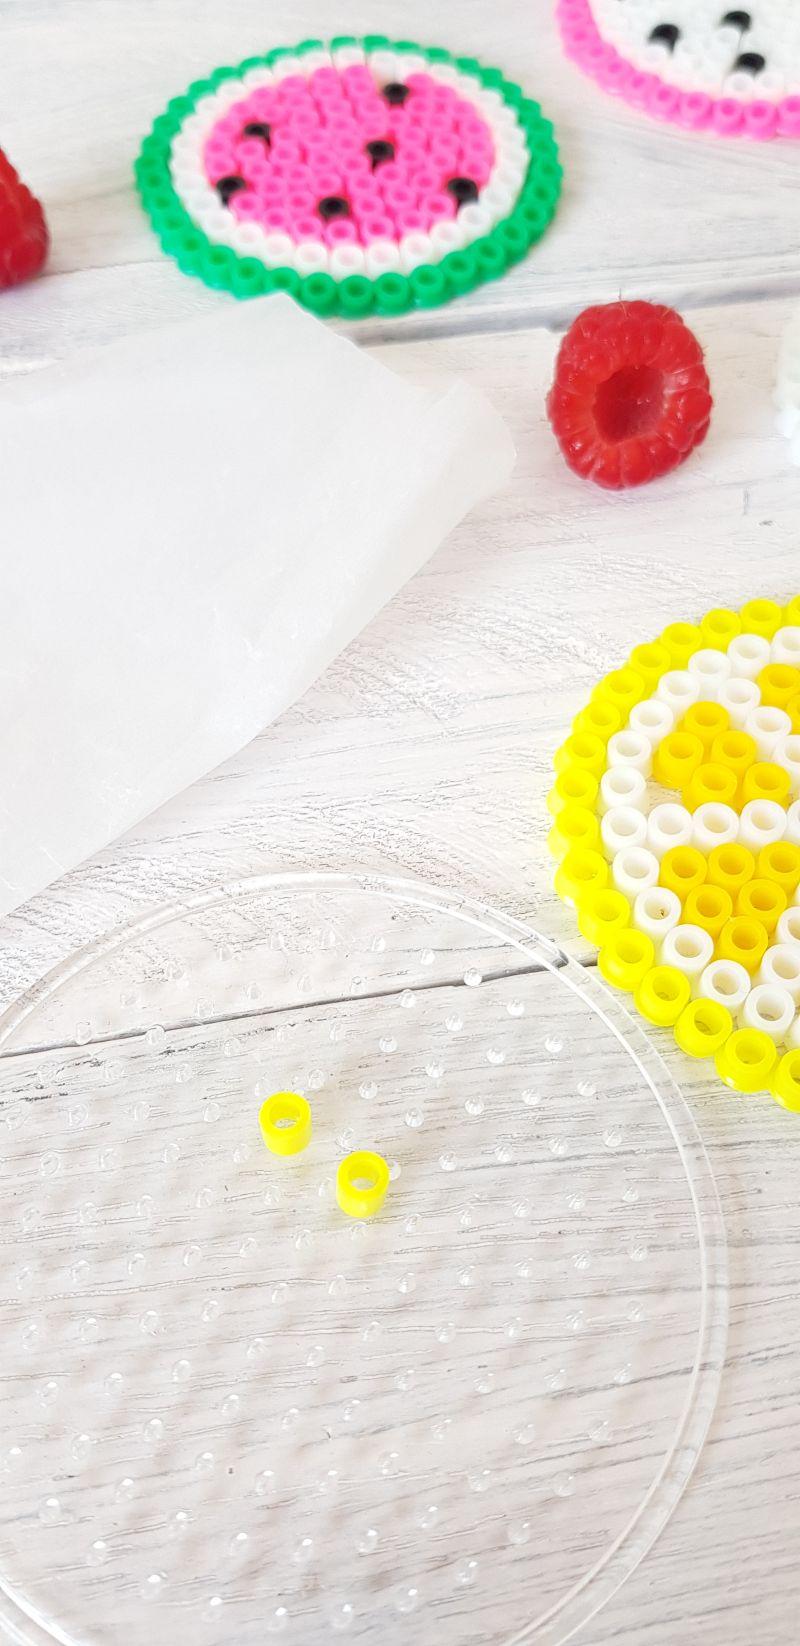 Dekorativen Wespenschutz für Trinkgläser herstellen